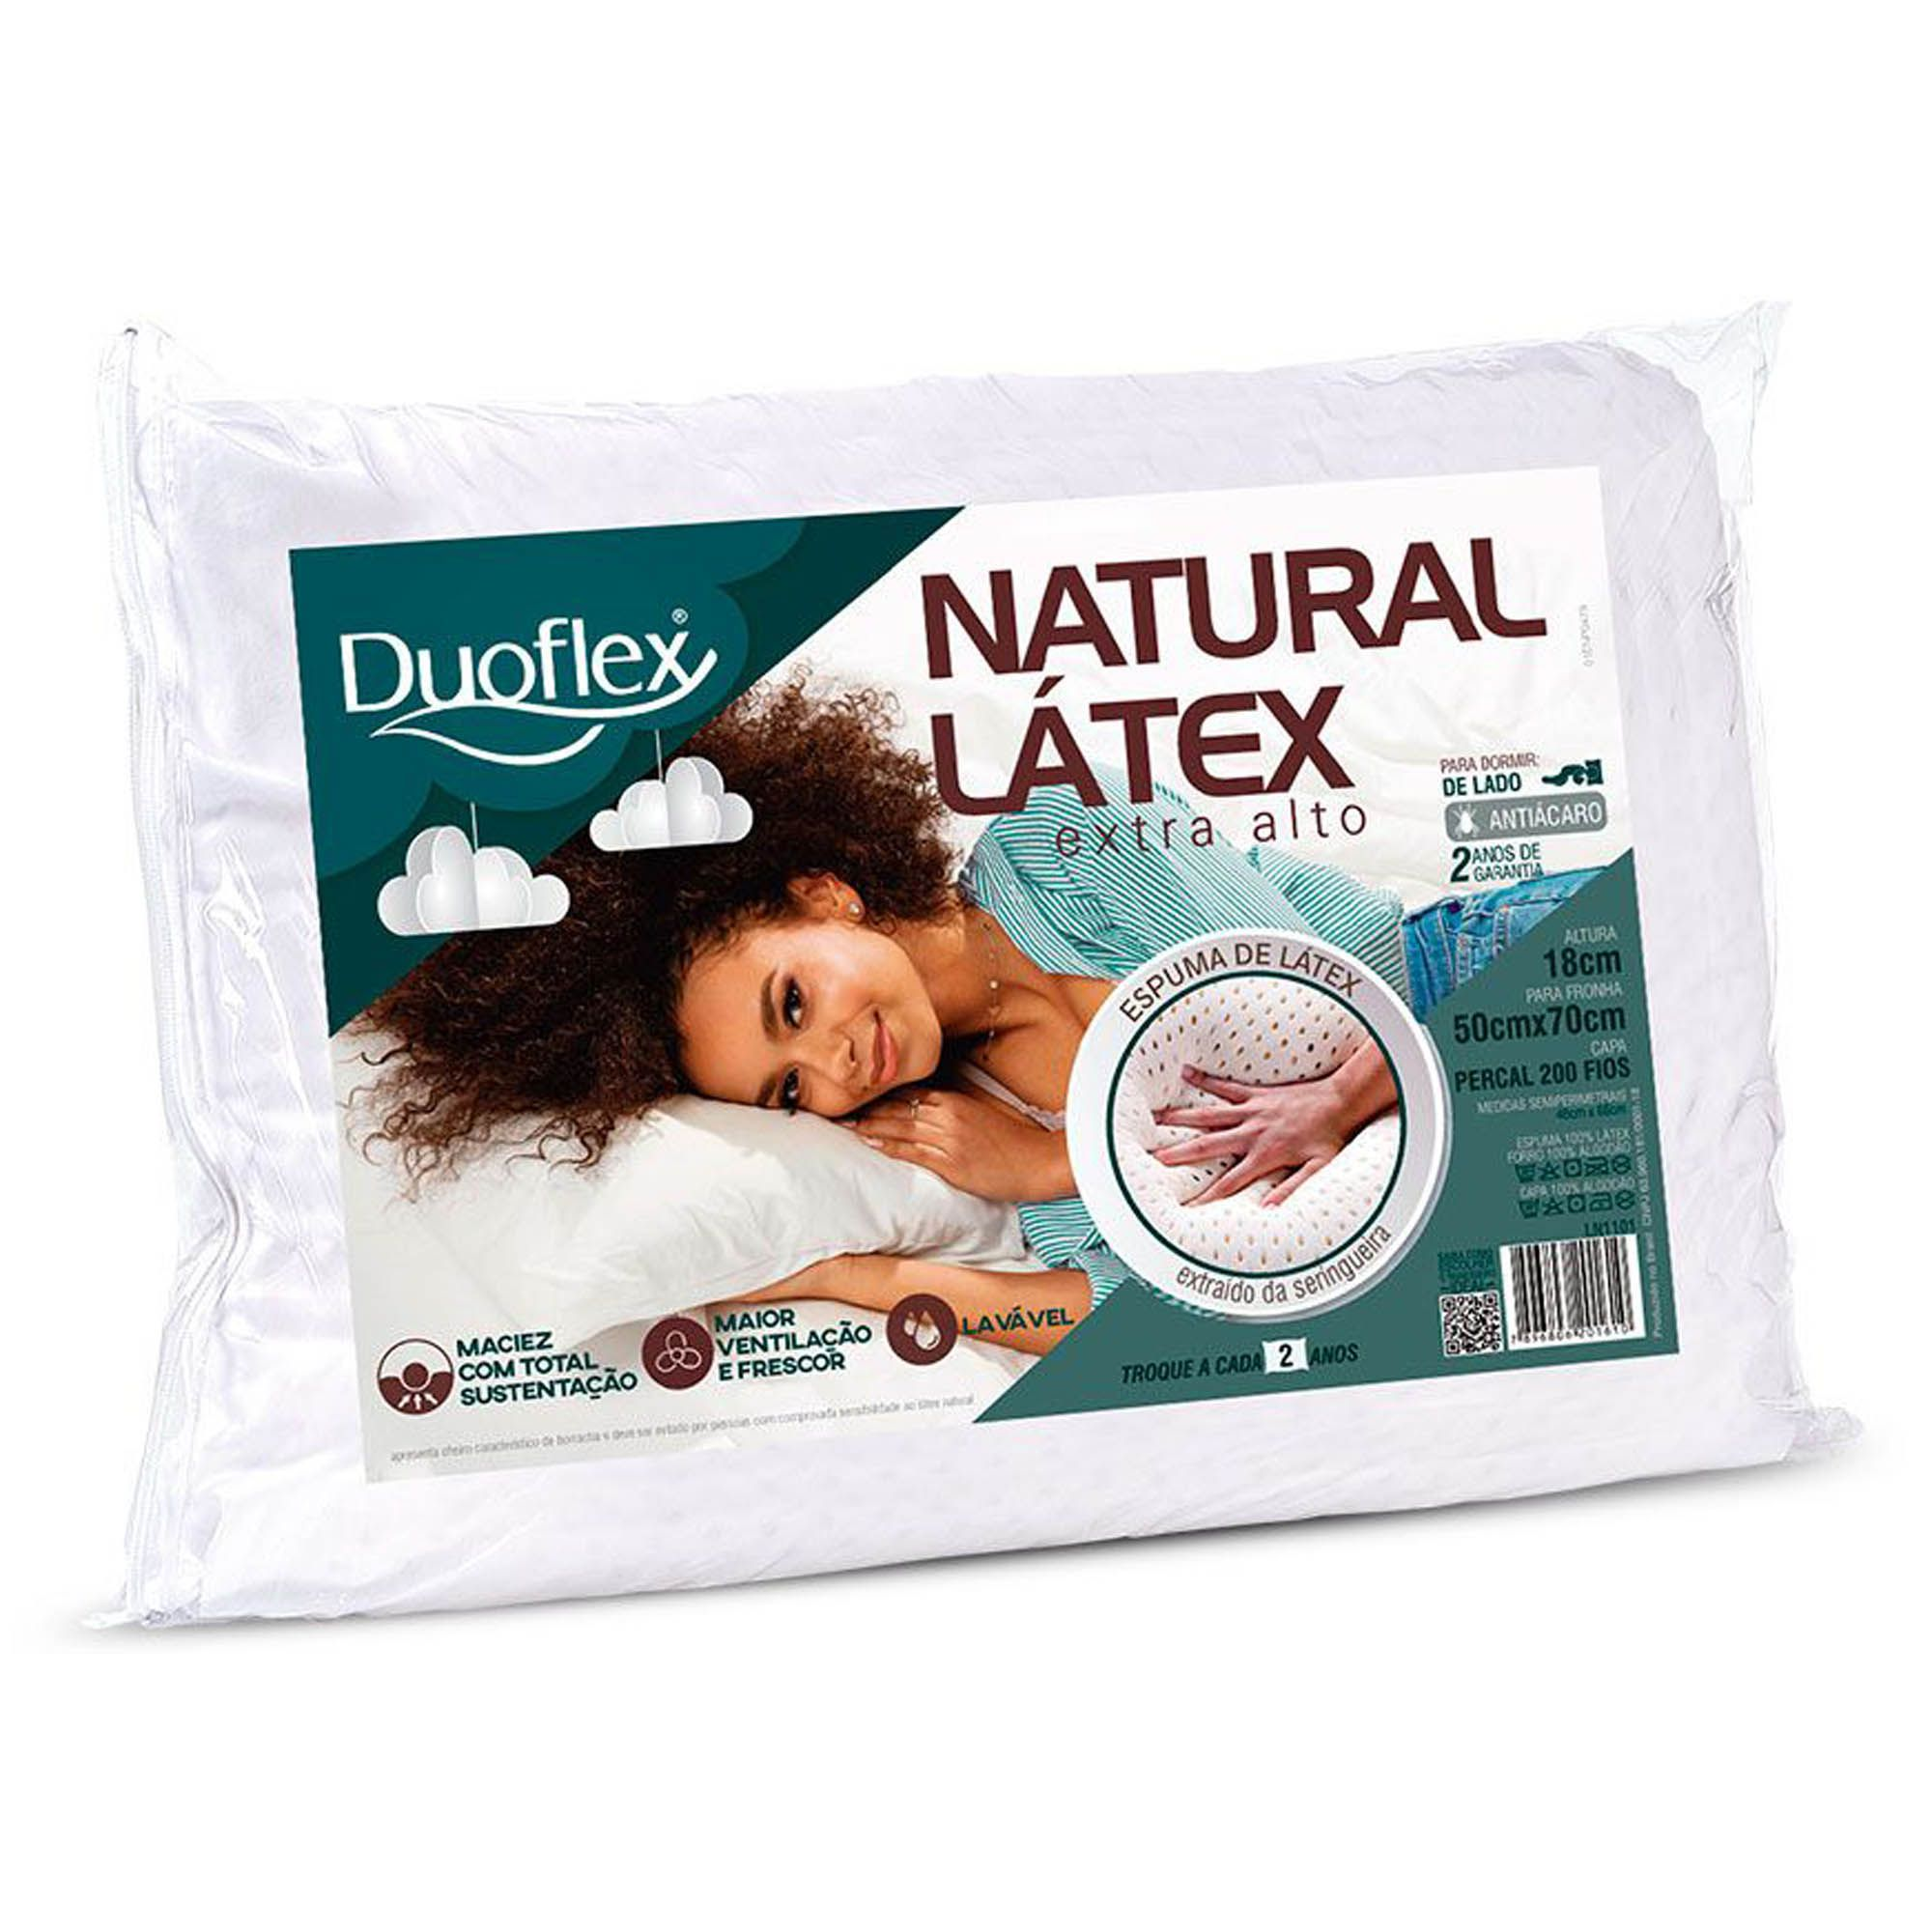 Travesseiro Duoflex Natural Látex Extra Alto, Firme, 050 x 070 x 018 cm